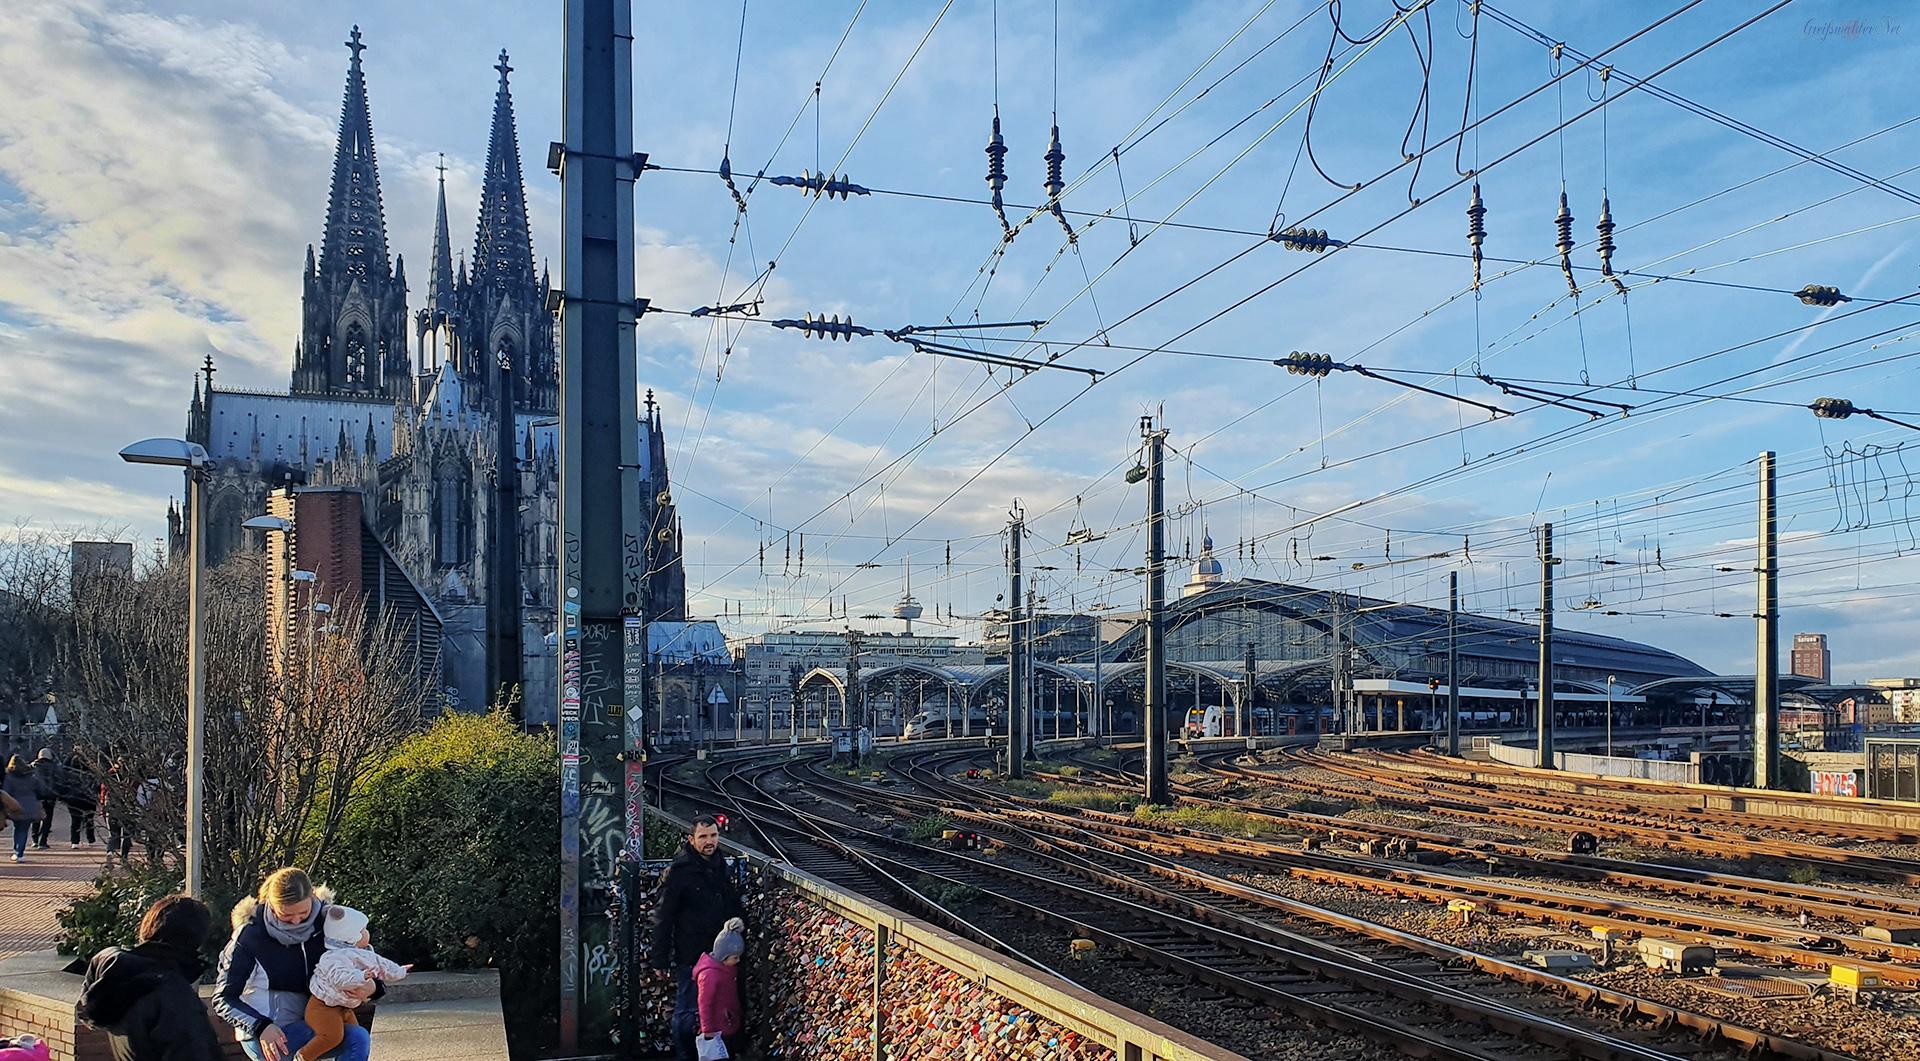 Rund um die Hohenzollernbrücke in Köln